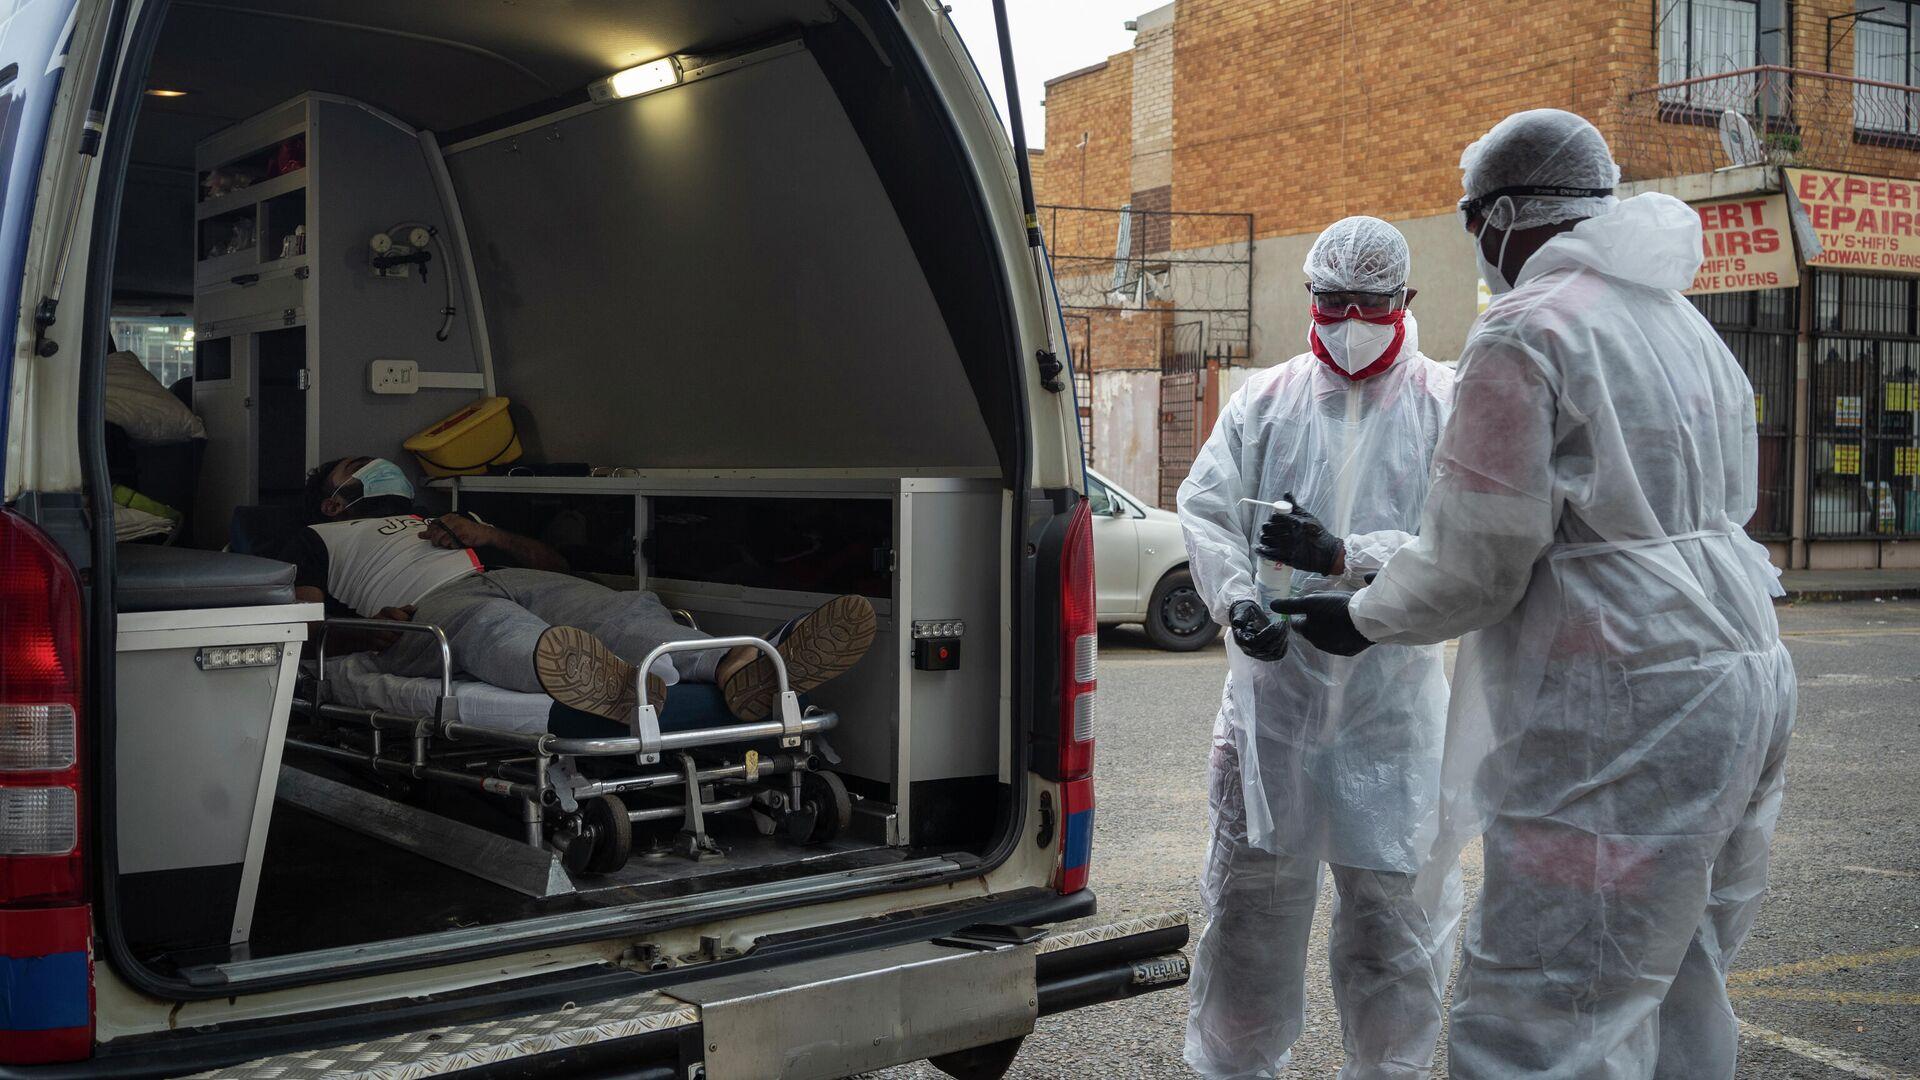 Врачи скорой помощи доставляют пациента с коронавирусом (COVID-19) в больницу Ленасии, Южная Африка - РИА Новости, 1920, 03.03.2021